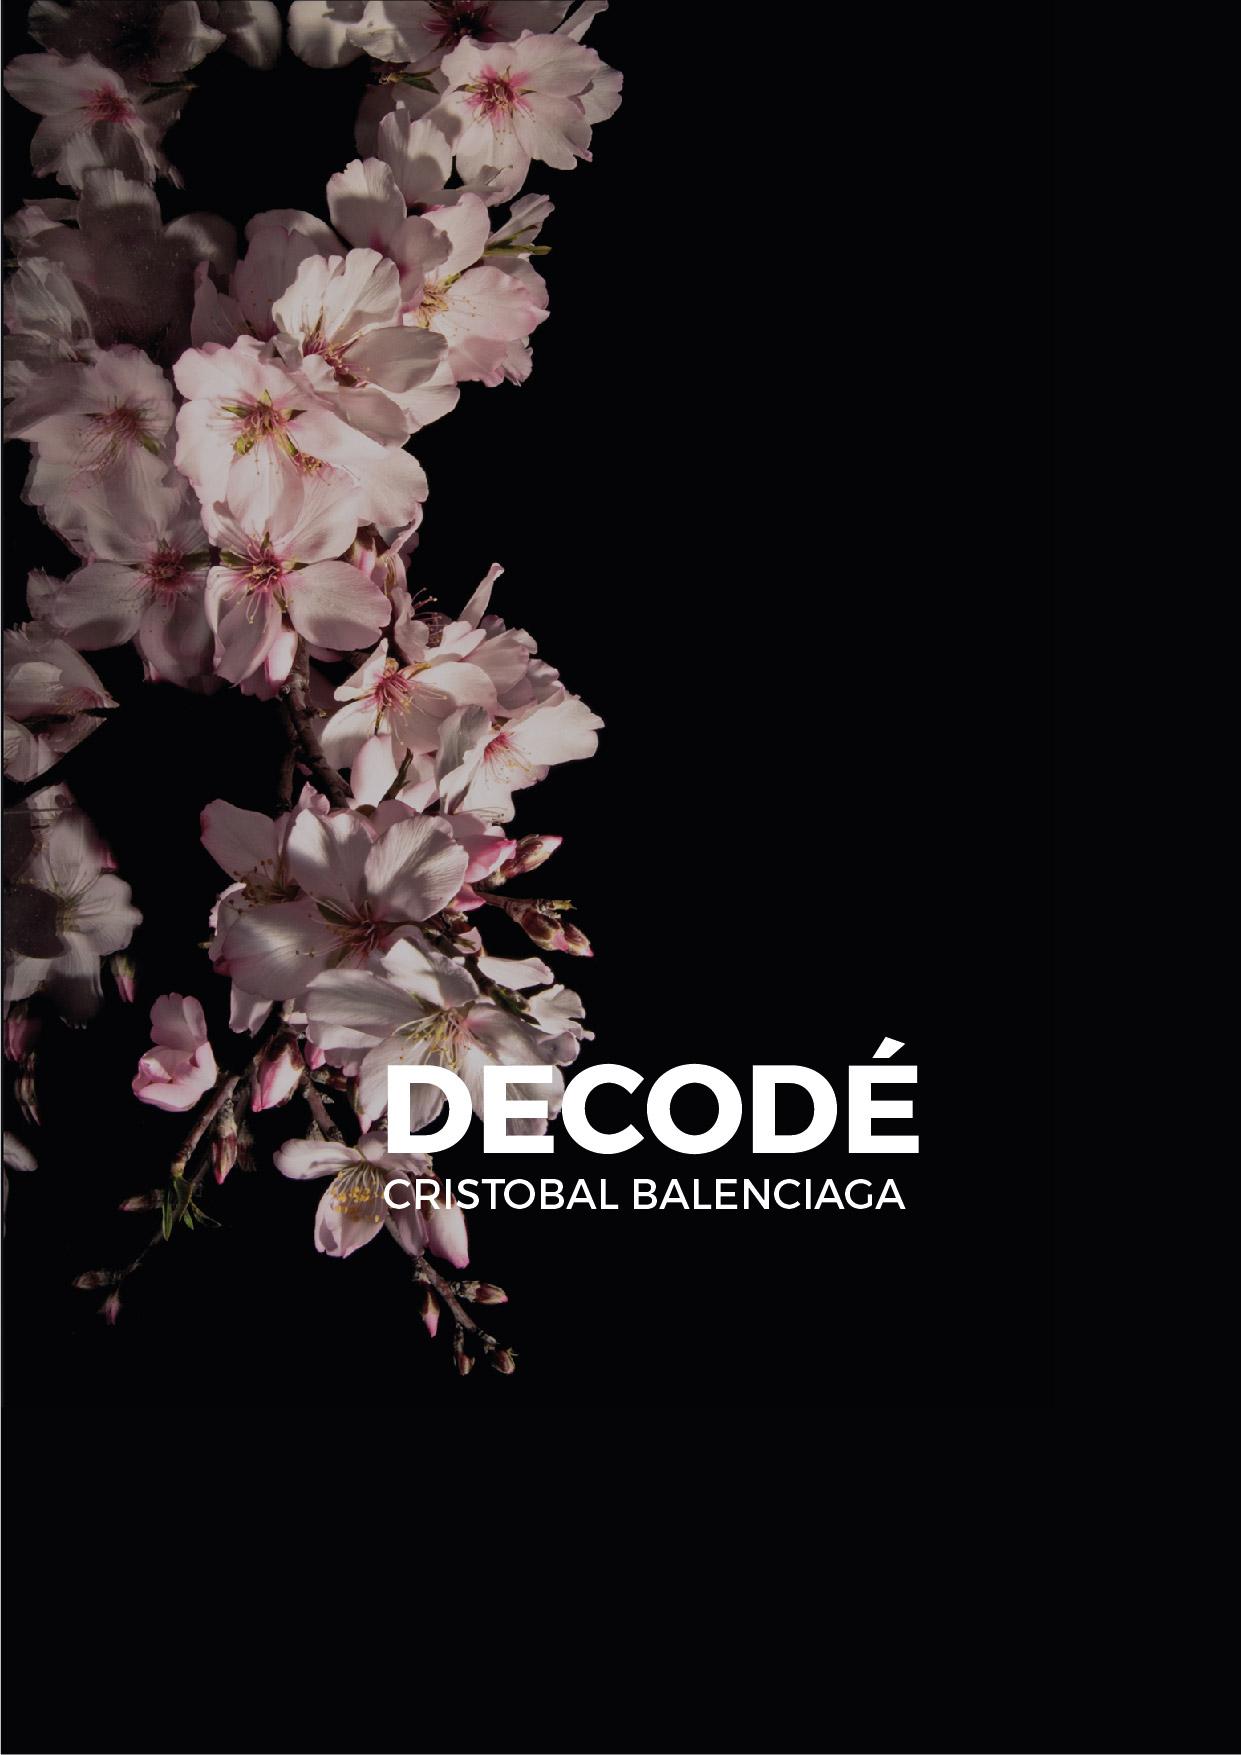 DECODE-08.jpg